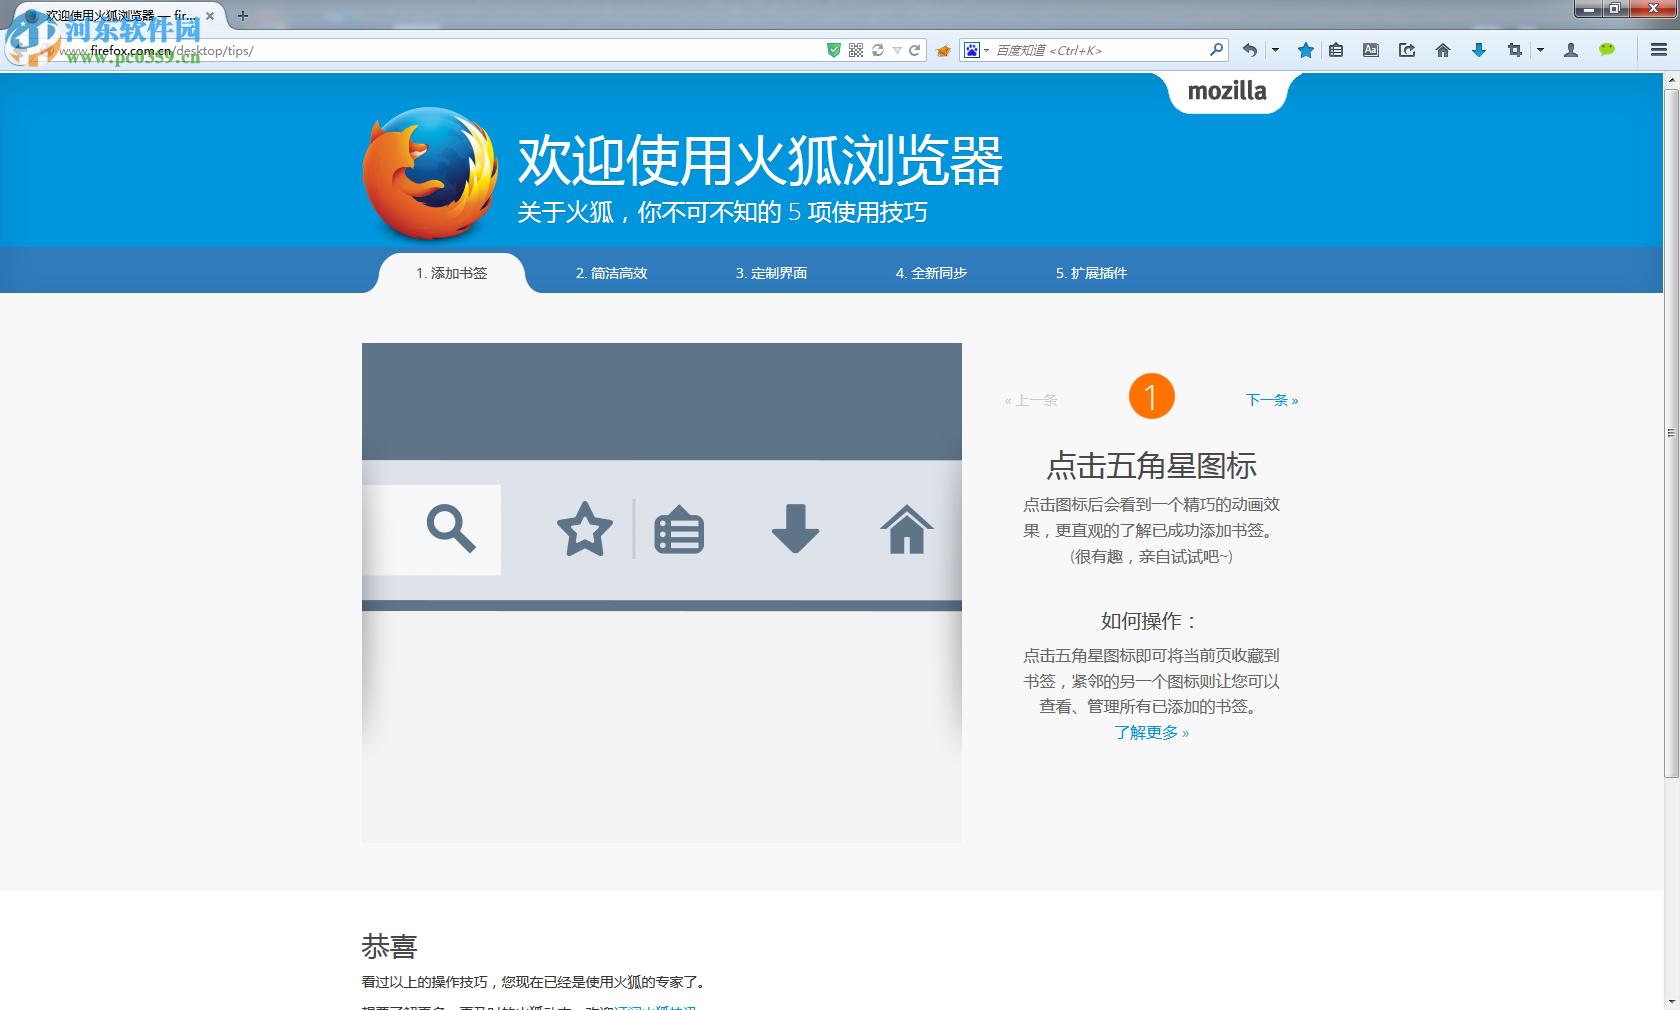 火狐firefox 55.0.8 官方简体中文版